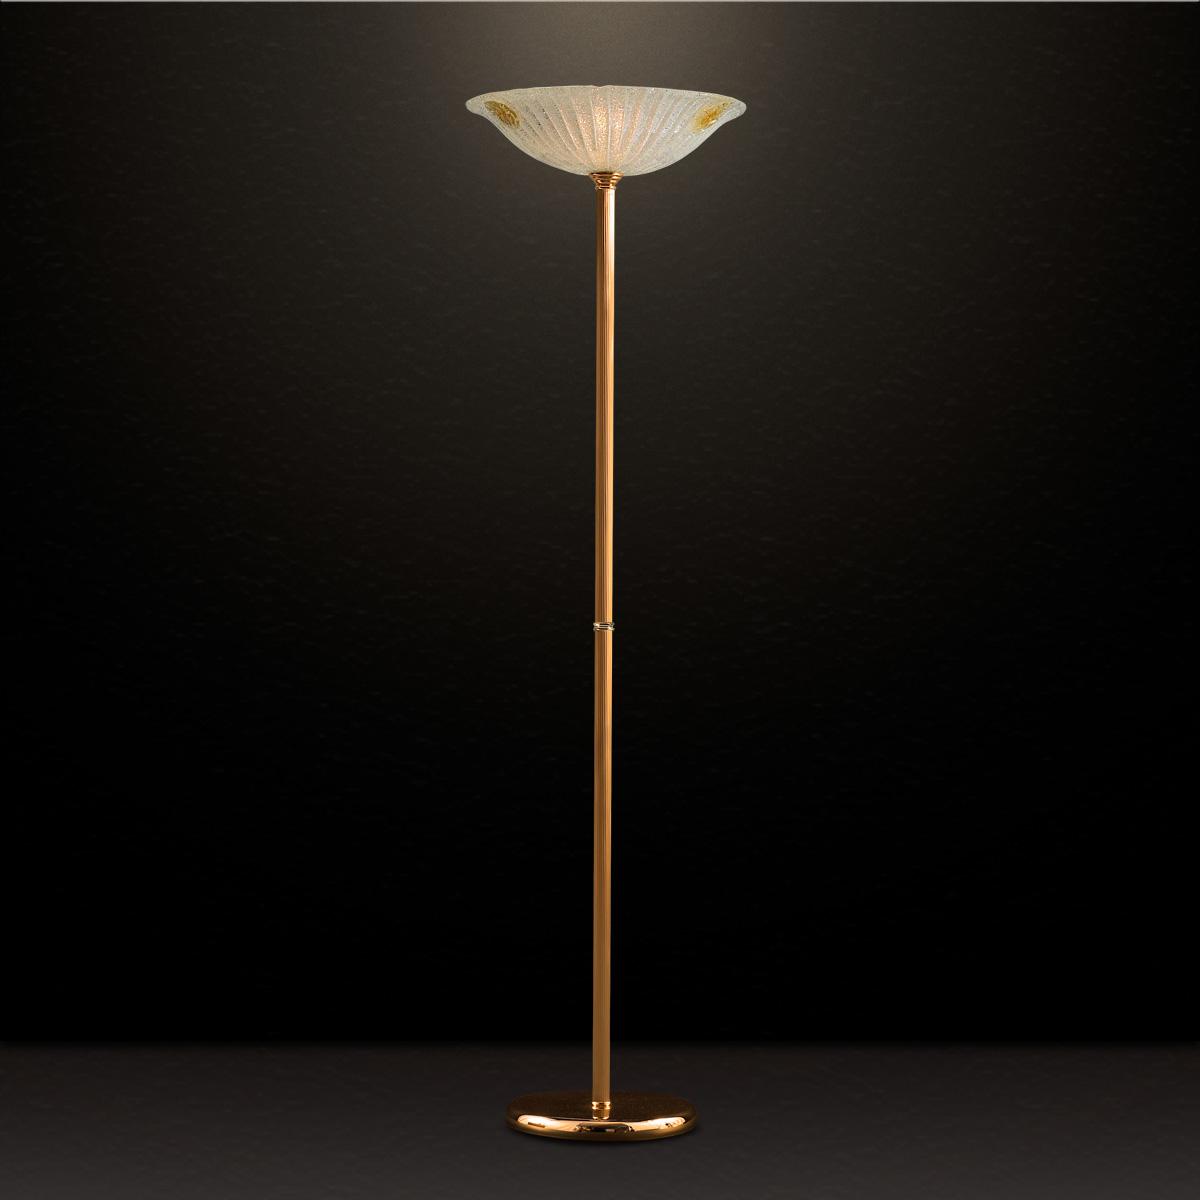 Κλασικό επιδαπέδιο φωτιστικό με κρύσταλλο Μουράνο ΦΥΛΛΟ classic Murano crystal floor lamp